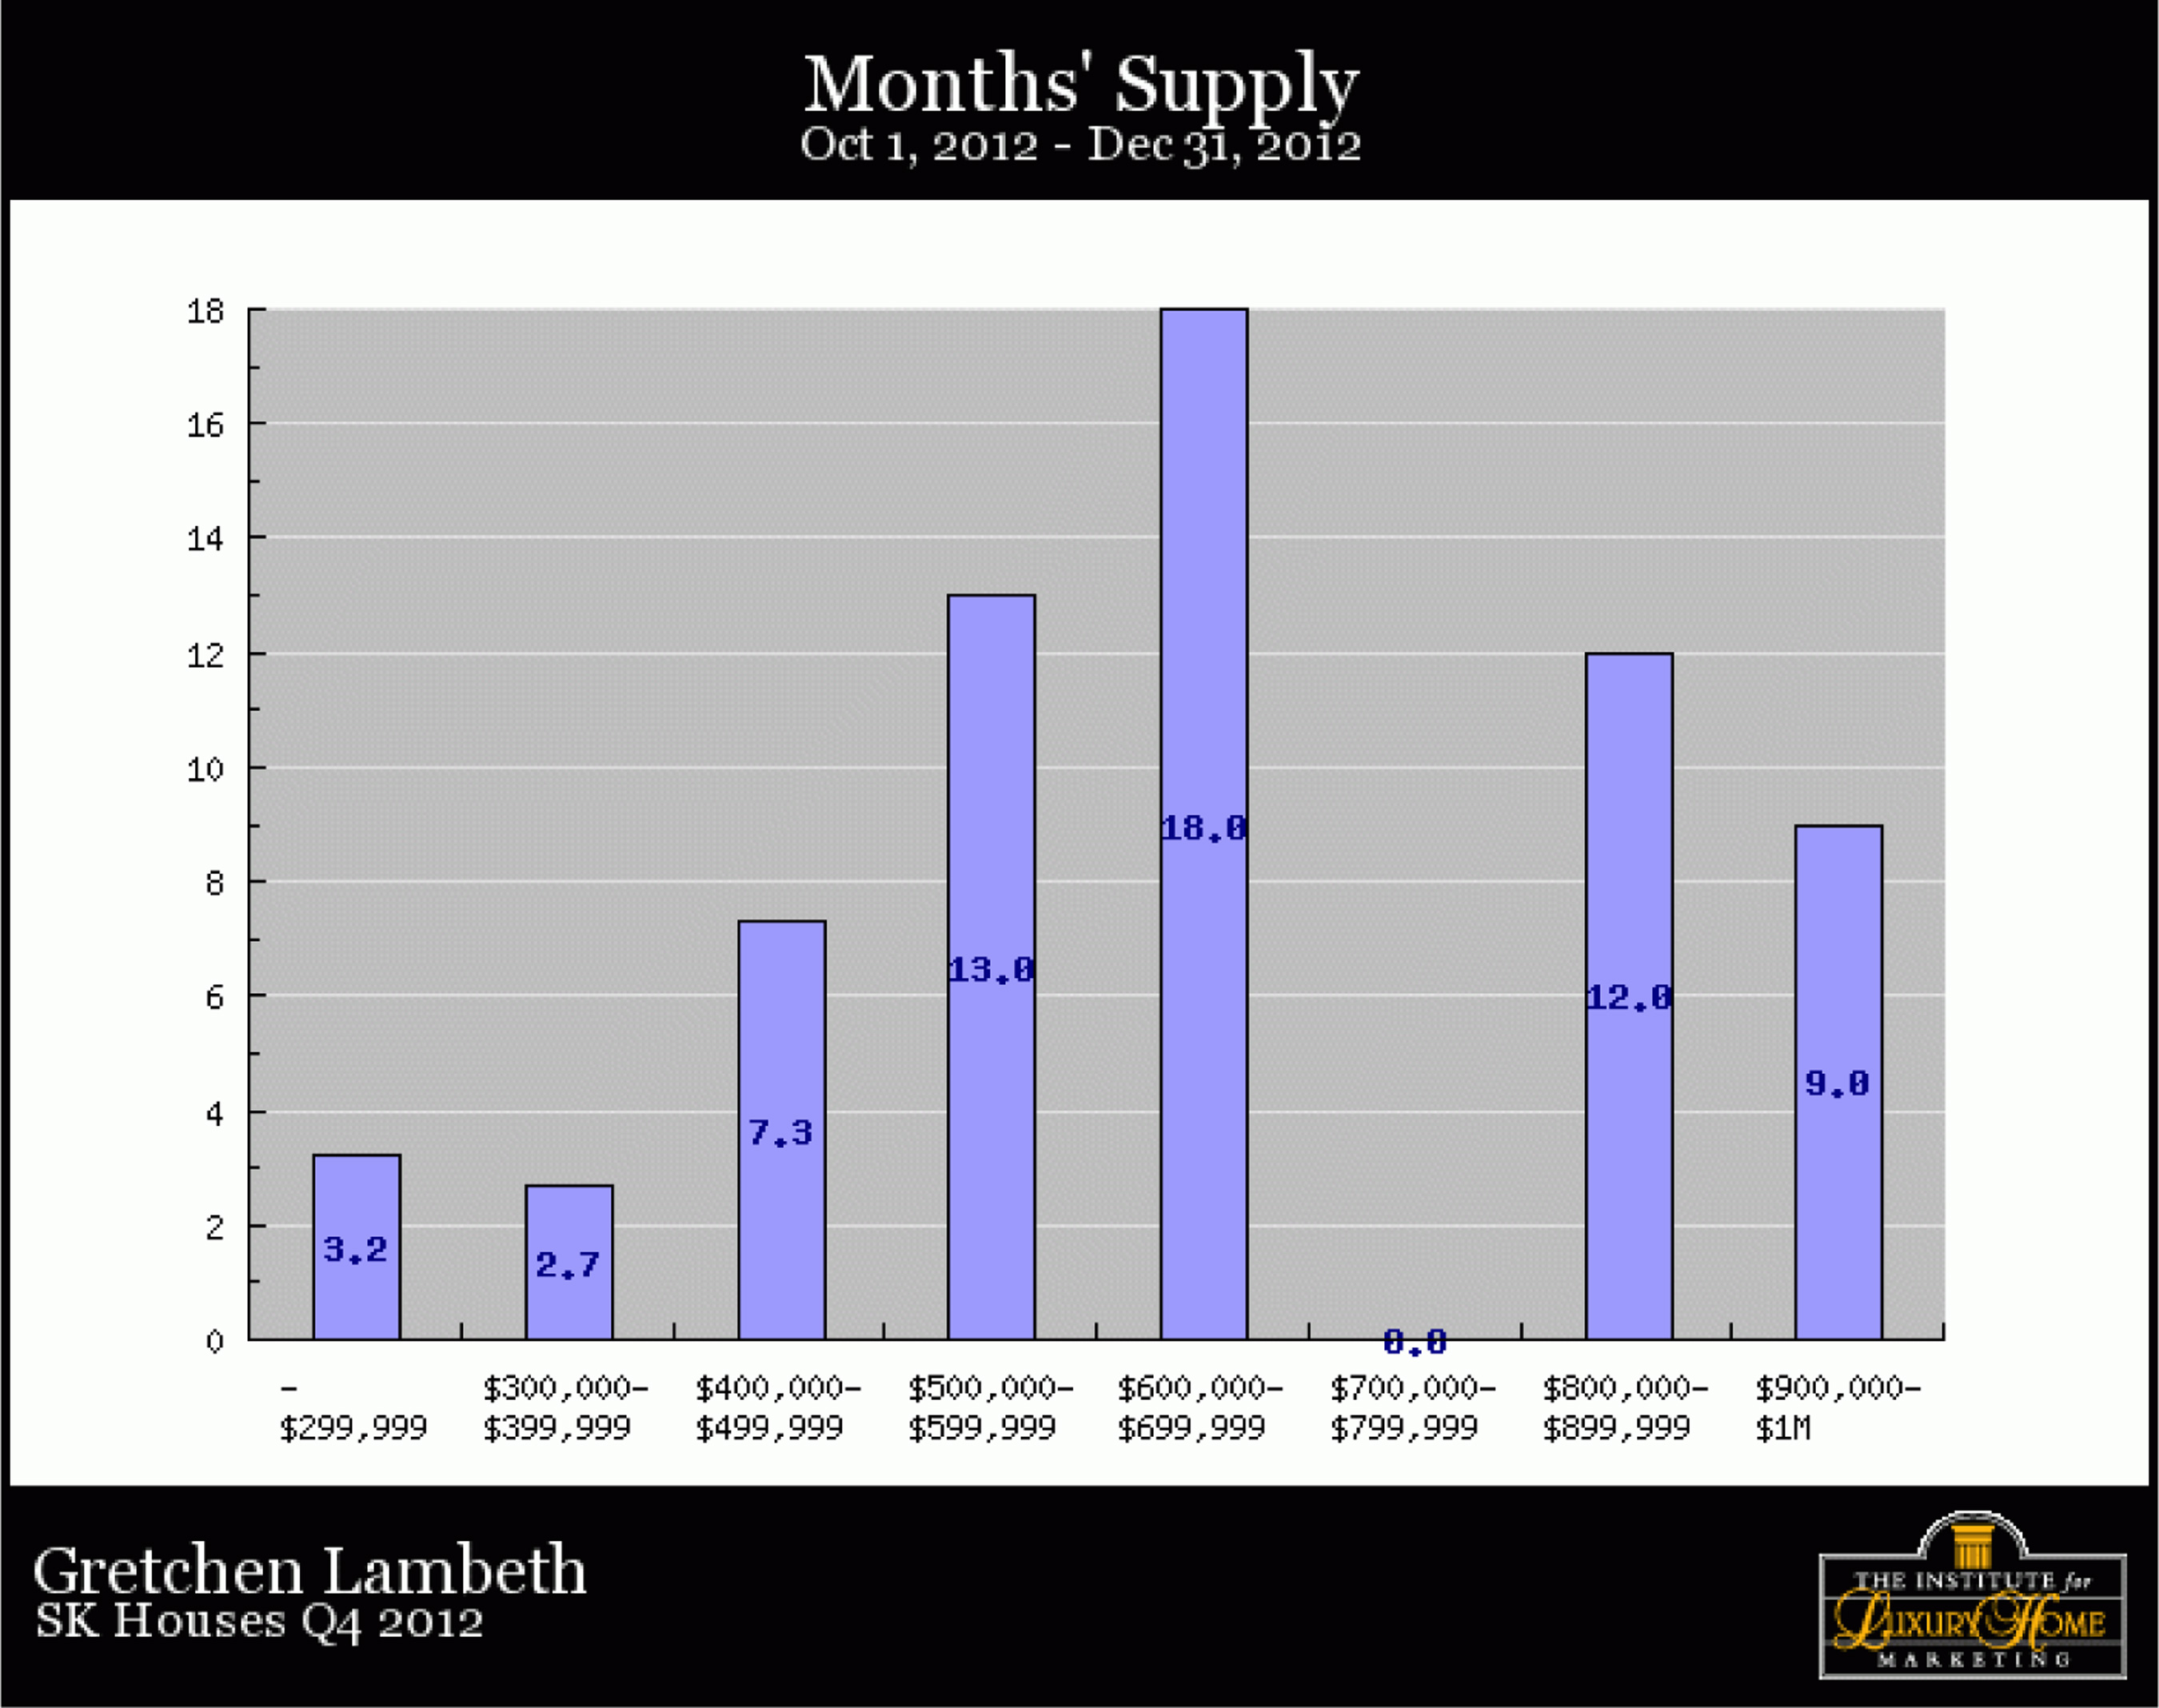 SK-Homes-Q4-2012-monthssupply